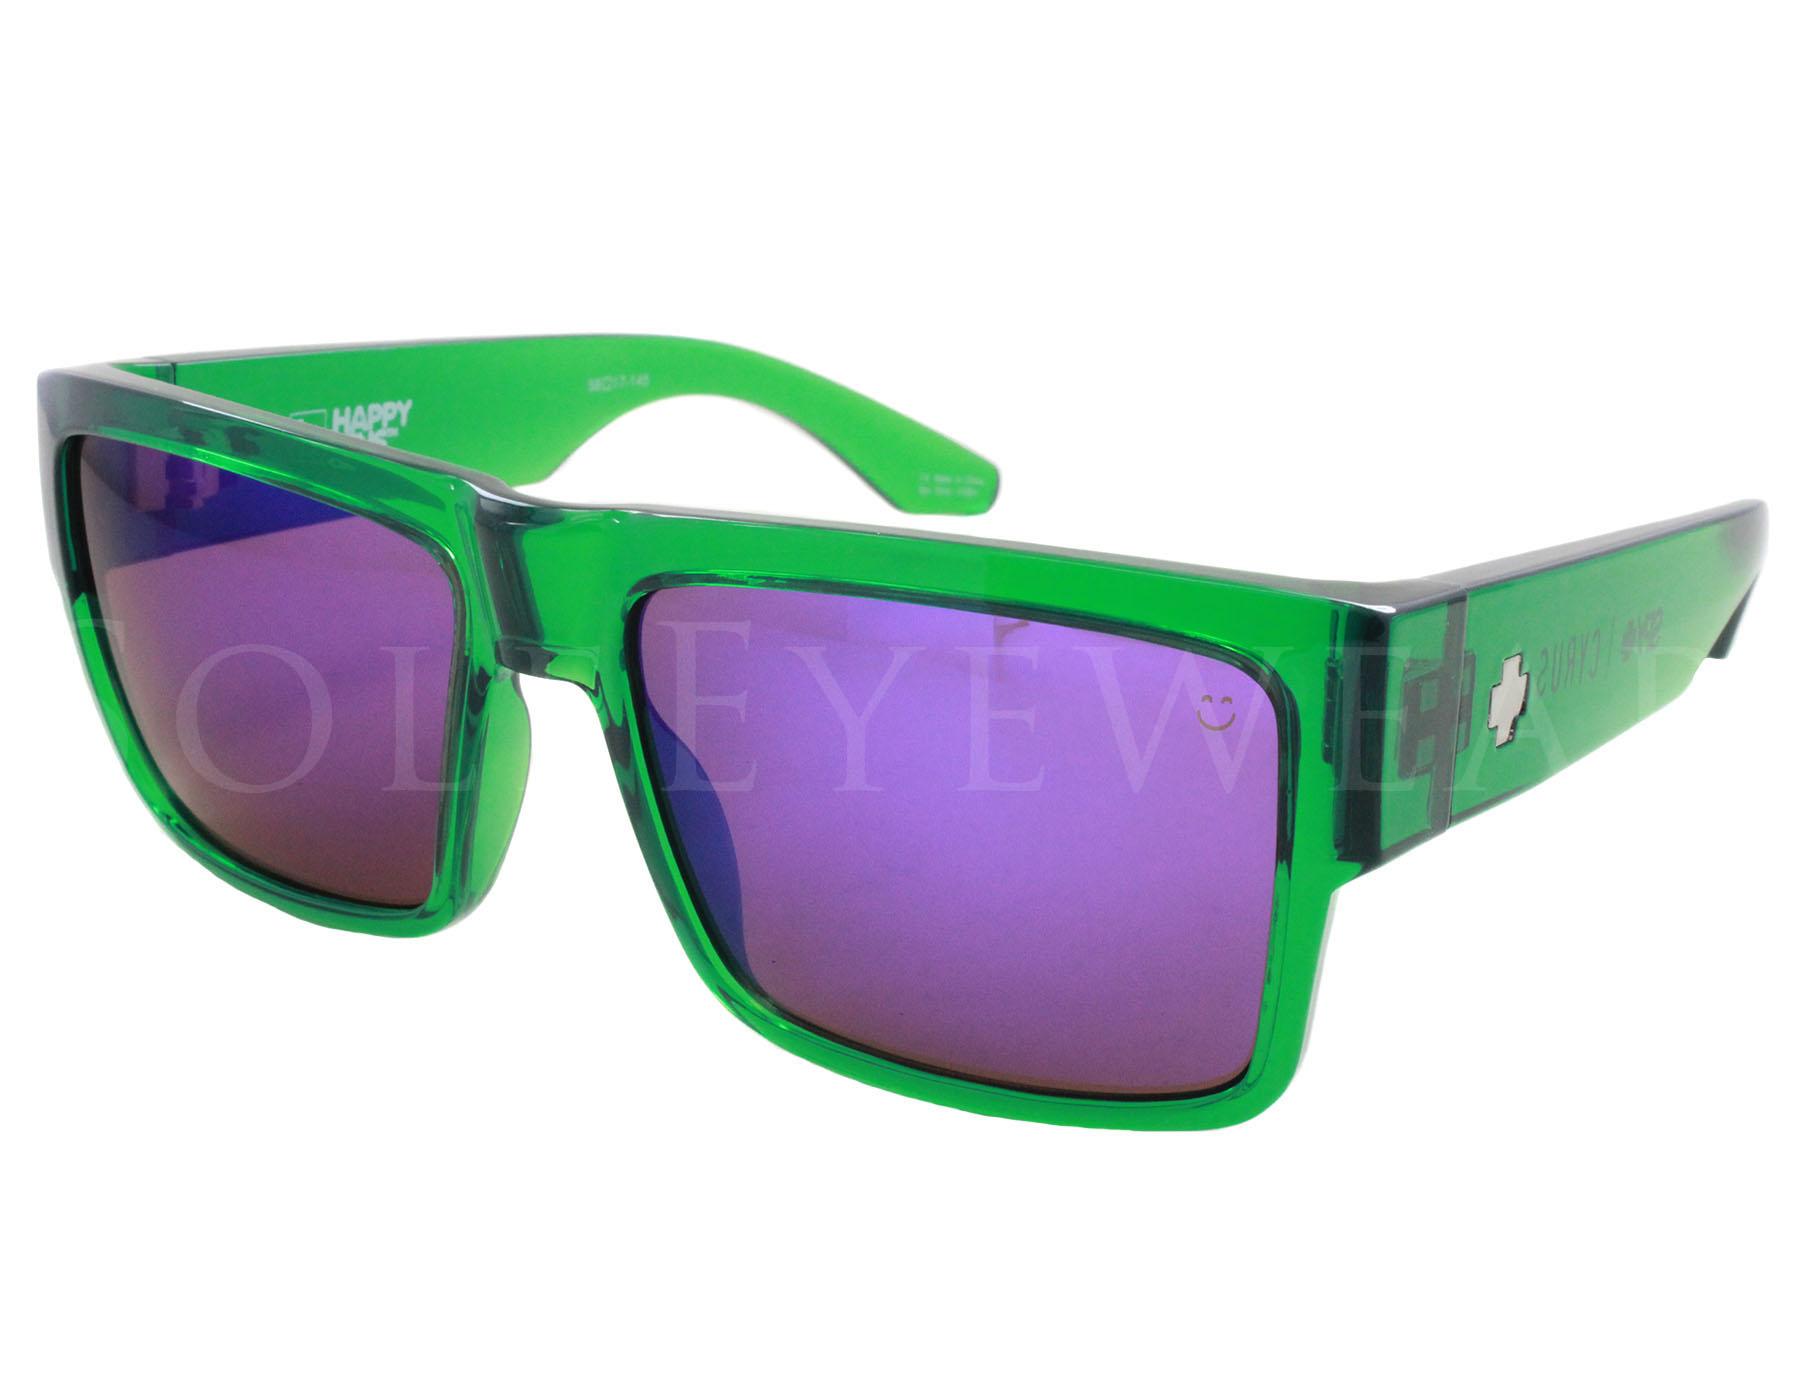 Spy Herren Sonnenbrille Cyrus Trans Green 3wwpbAEVT